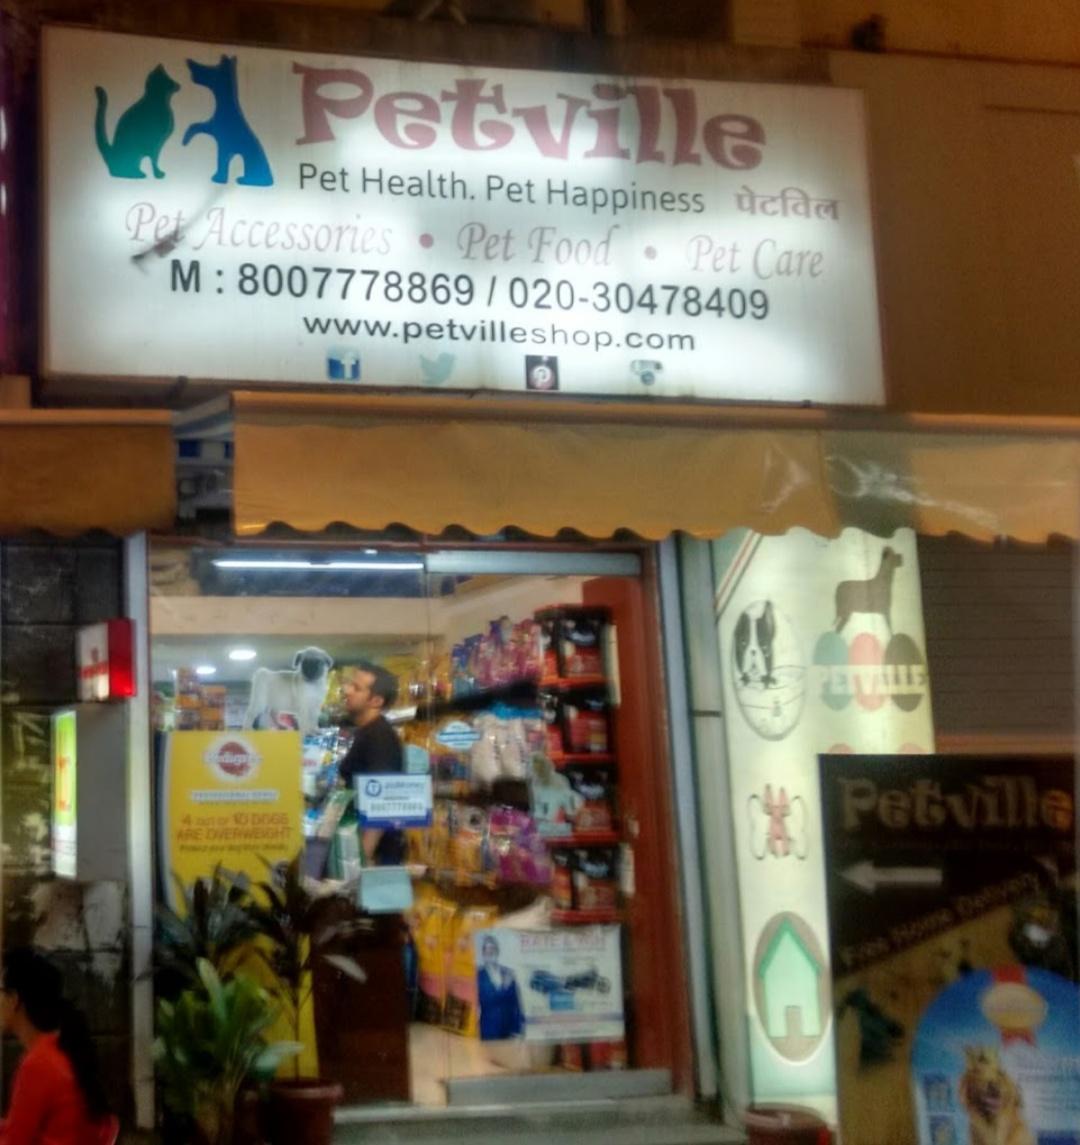 Petville Pet Shop